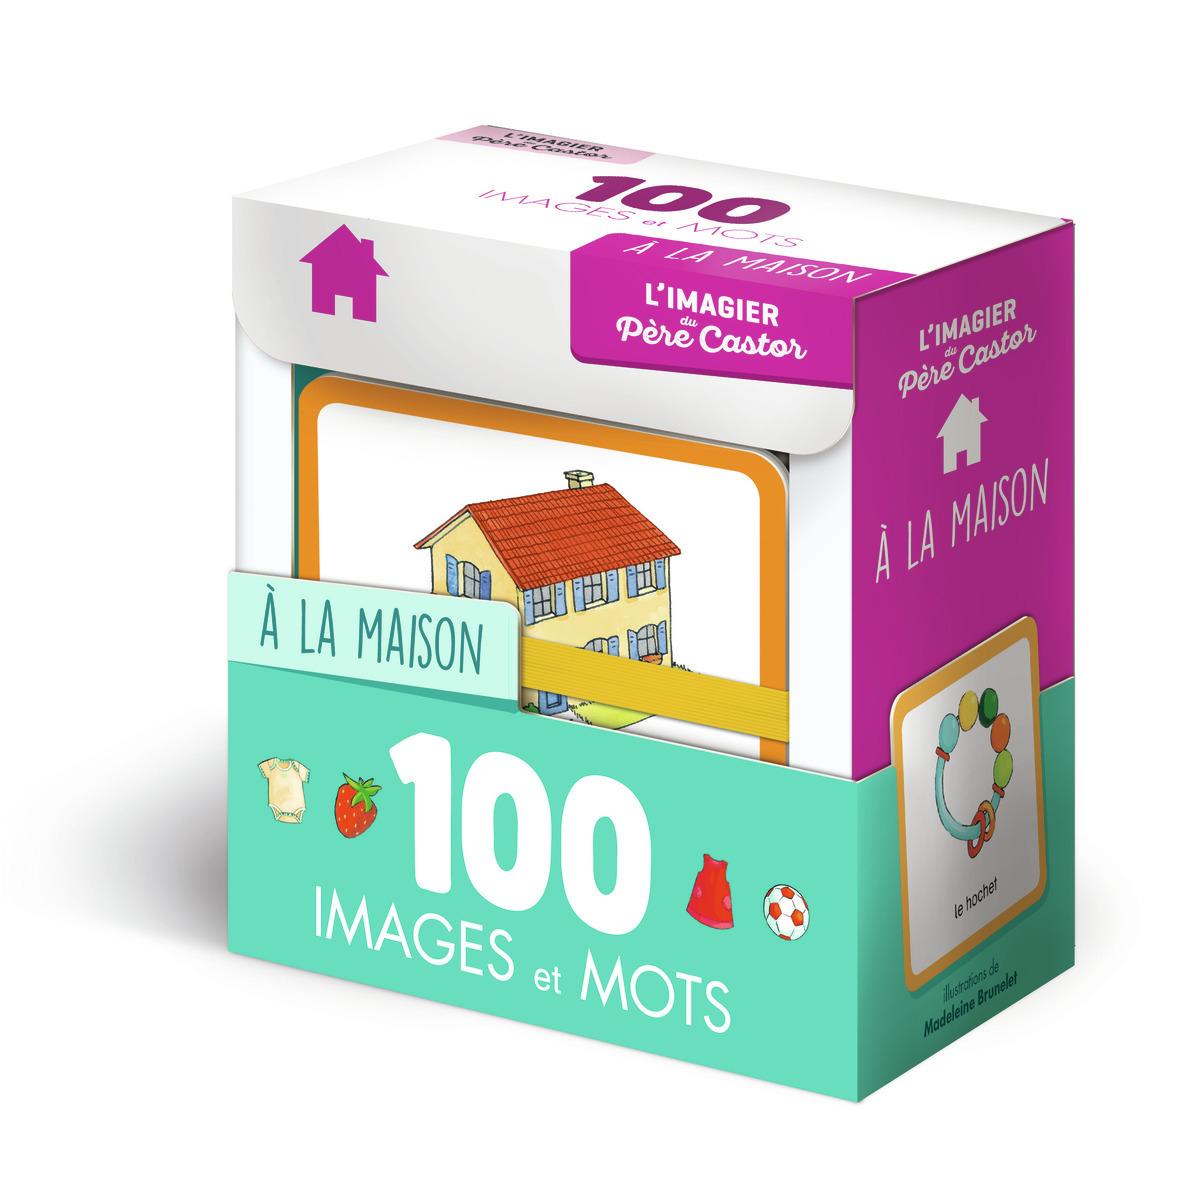 A LA MAISON - 100 IMAGES ET MOTS